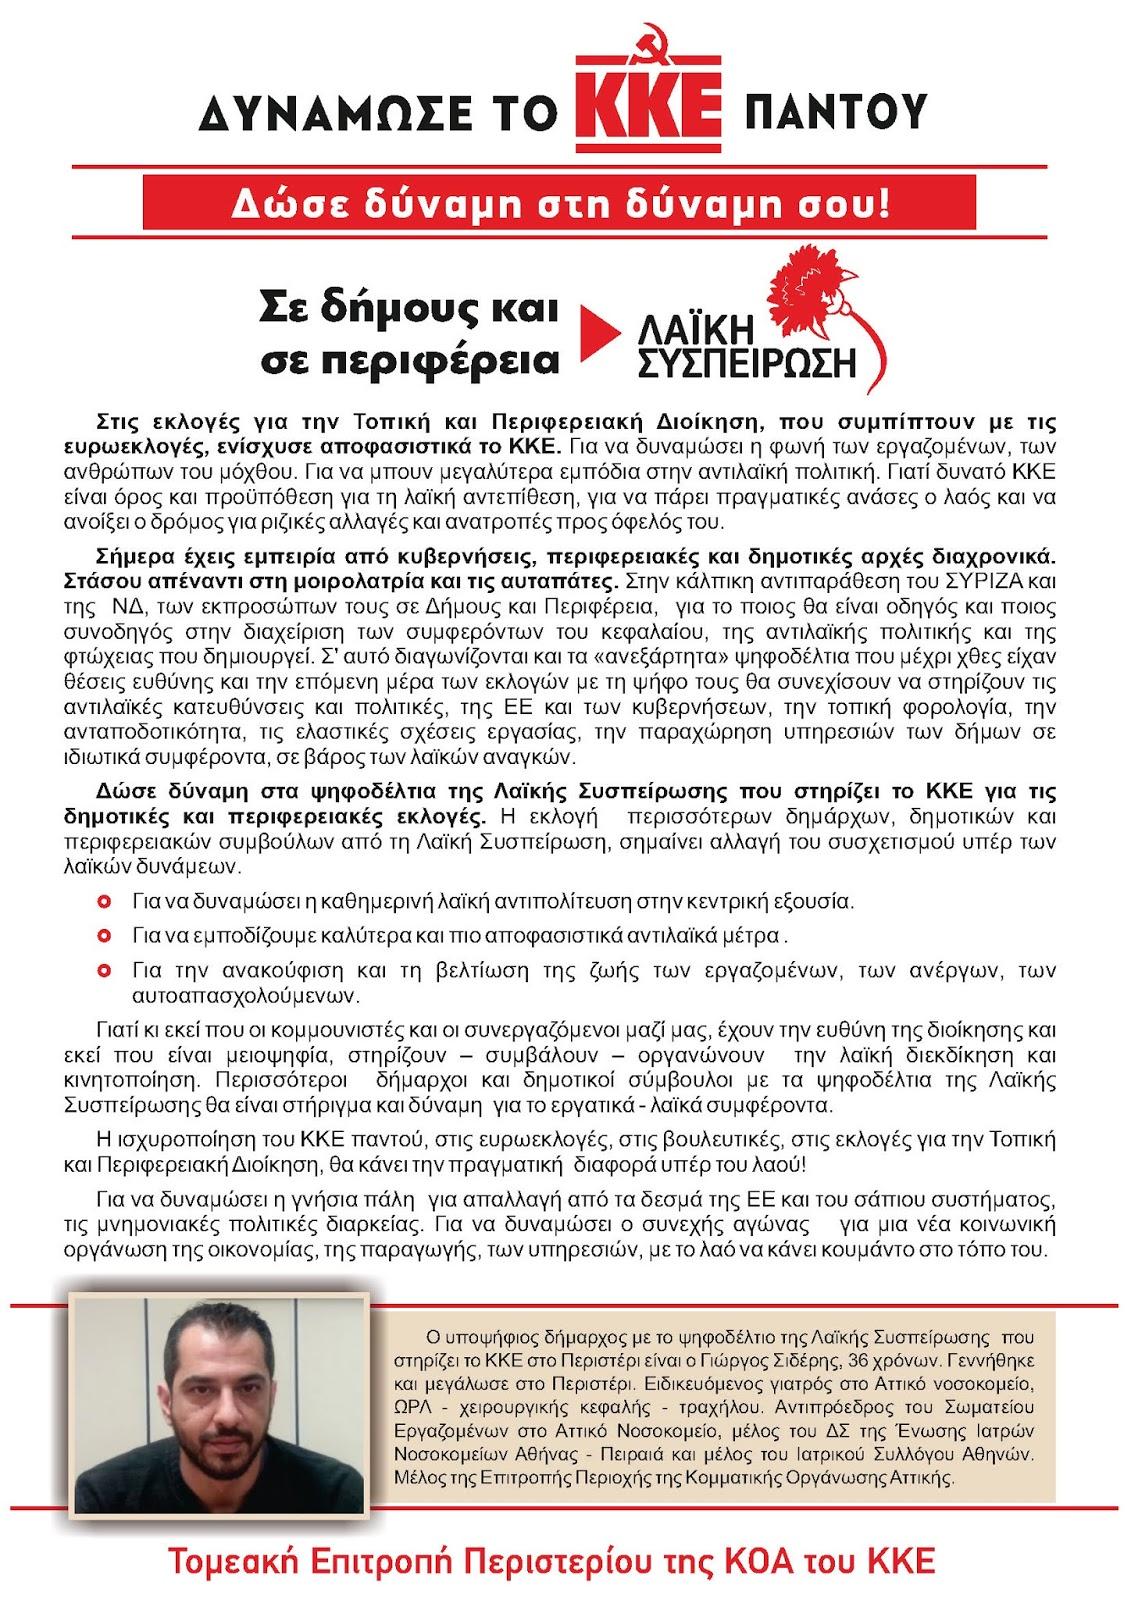 Ο υποψήφιος Δήμαρχος της Λαϊκής Συσπείρωσης στο Περιστέρι